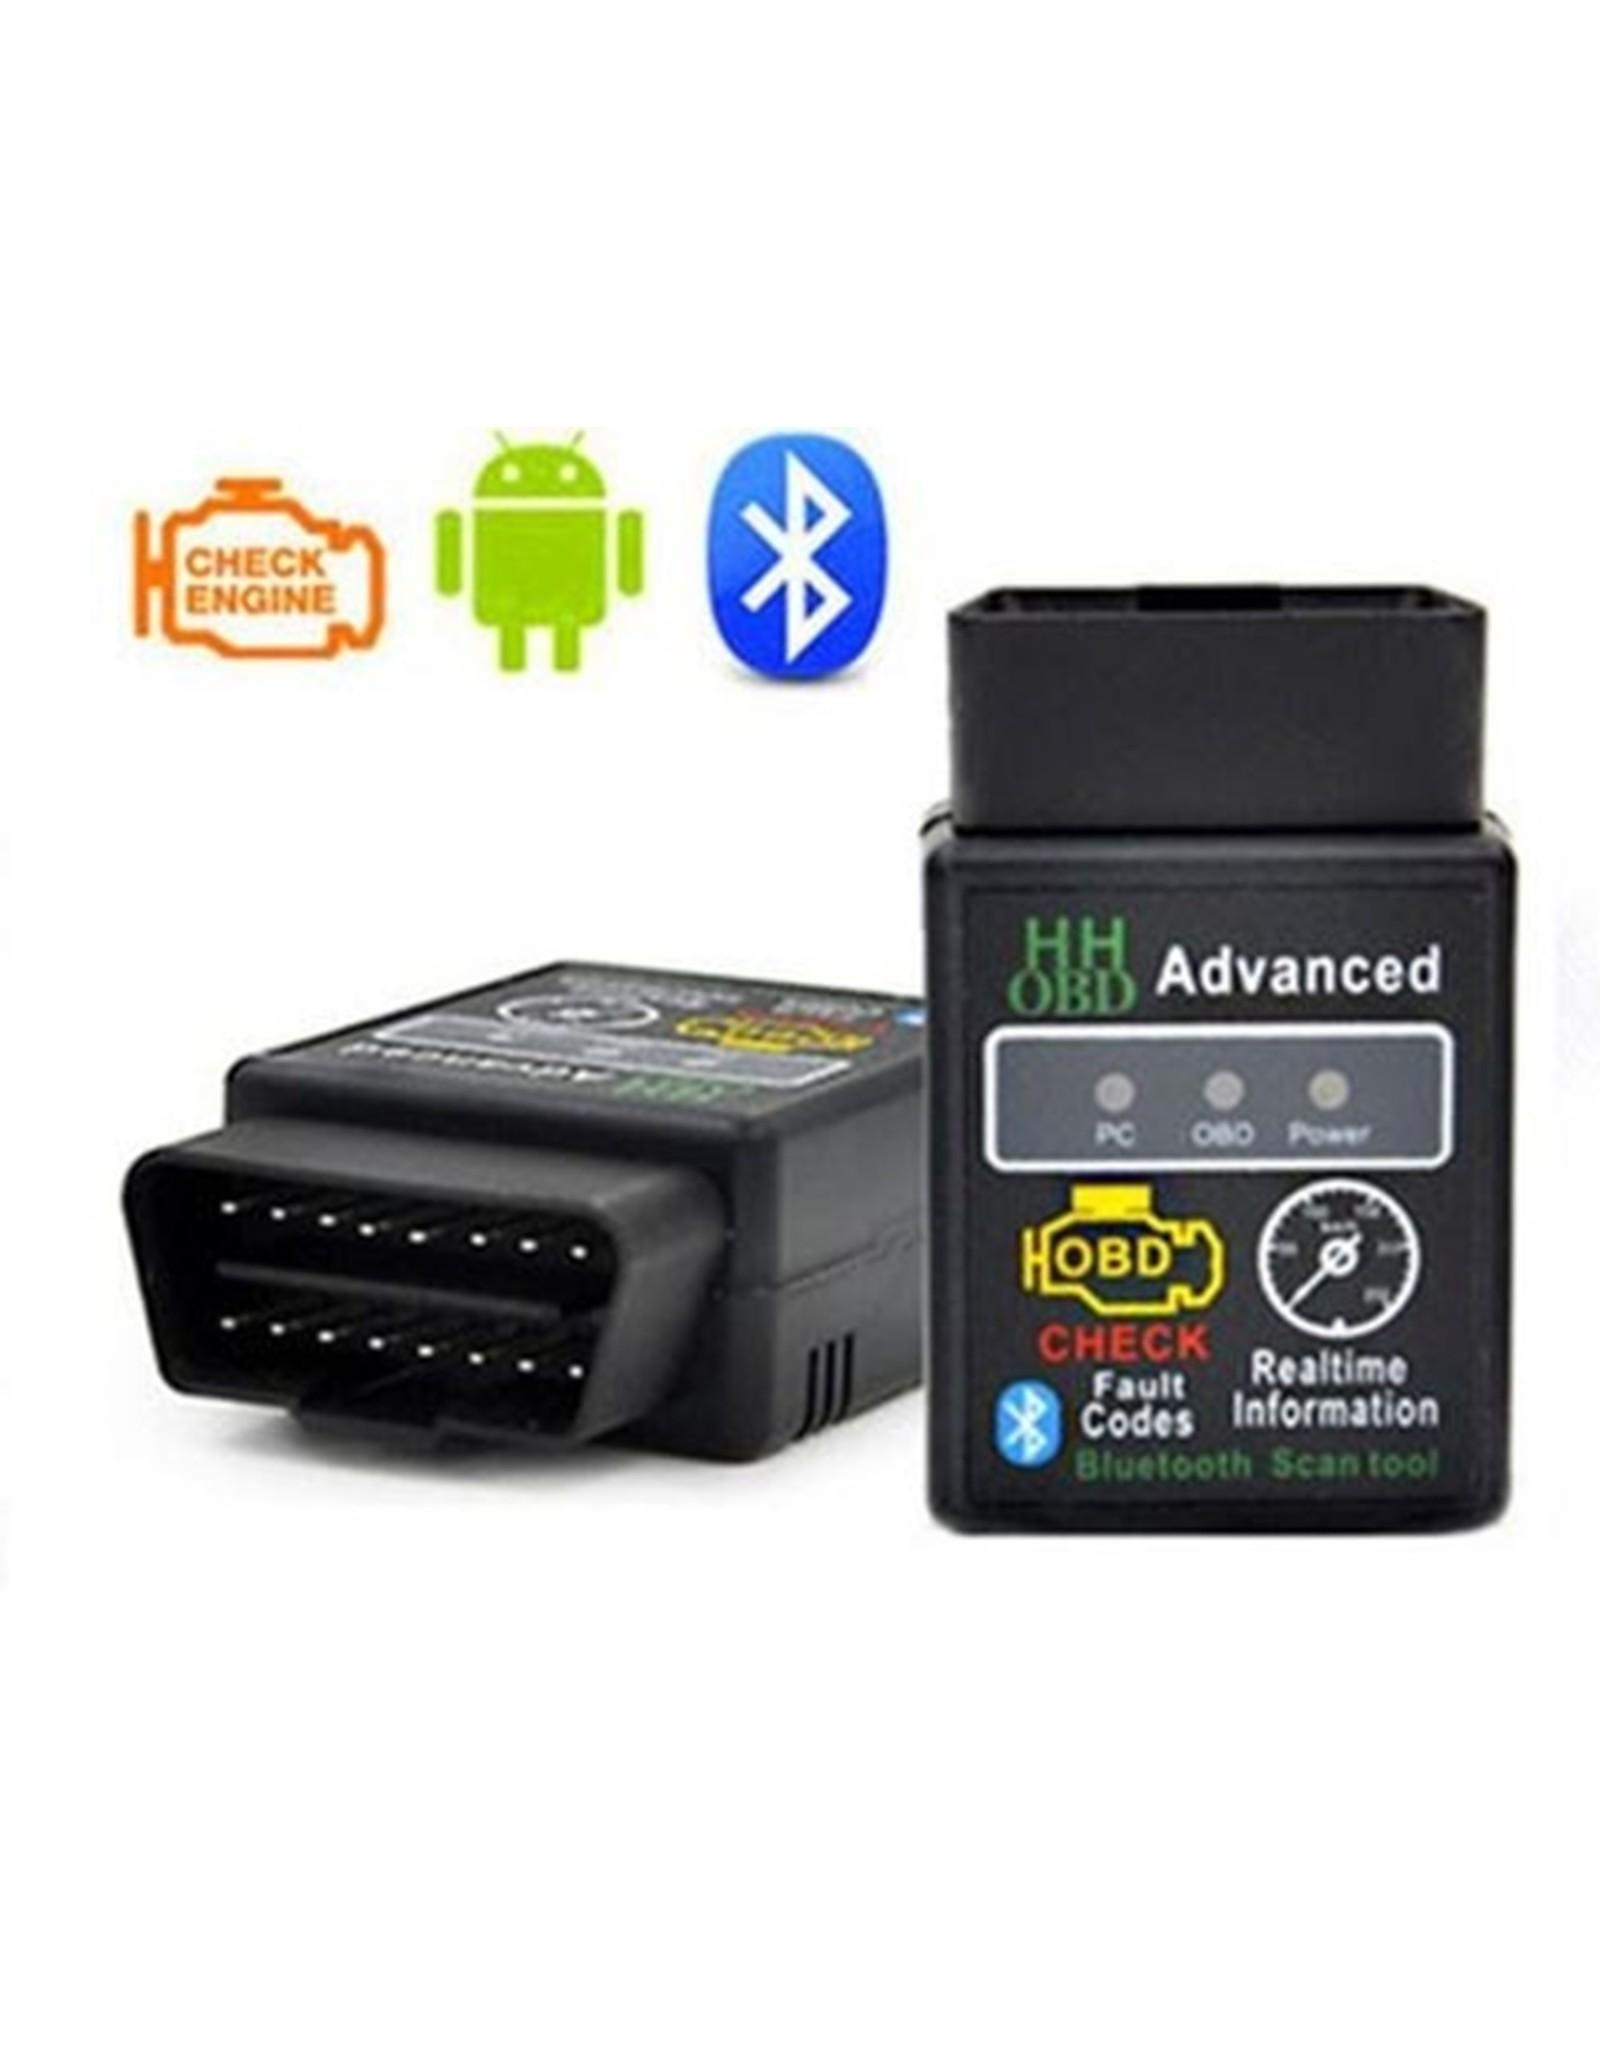 ELM327 Auto Scanner OBD2 CAN BUS Adapter Bluetooth Function - Motorstoringen uitlezen met een OBD2 scanner - Zelf storingen uitlezen en verwijderen